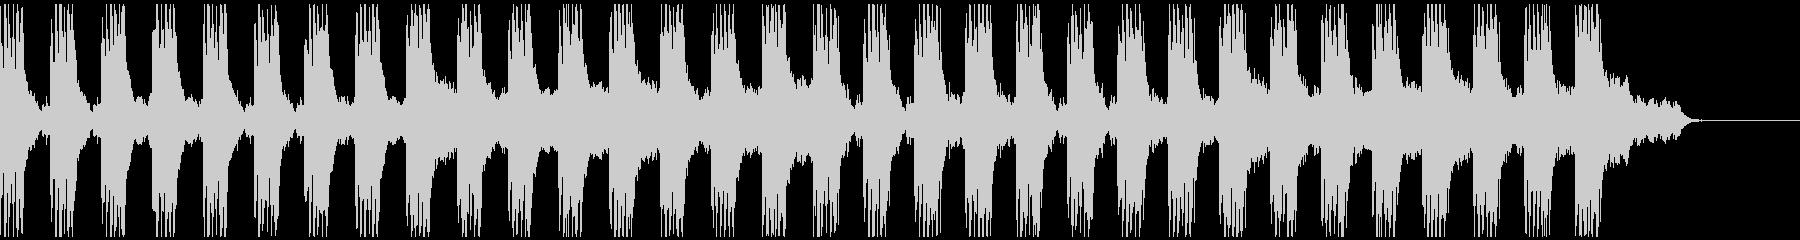 雨ふり アコギ66/生音使用のクールな曲の未再生の波形